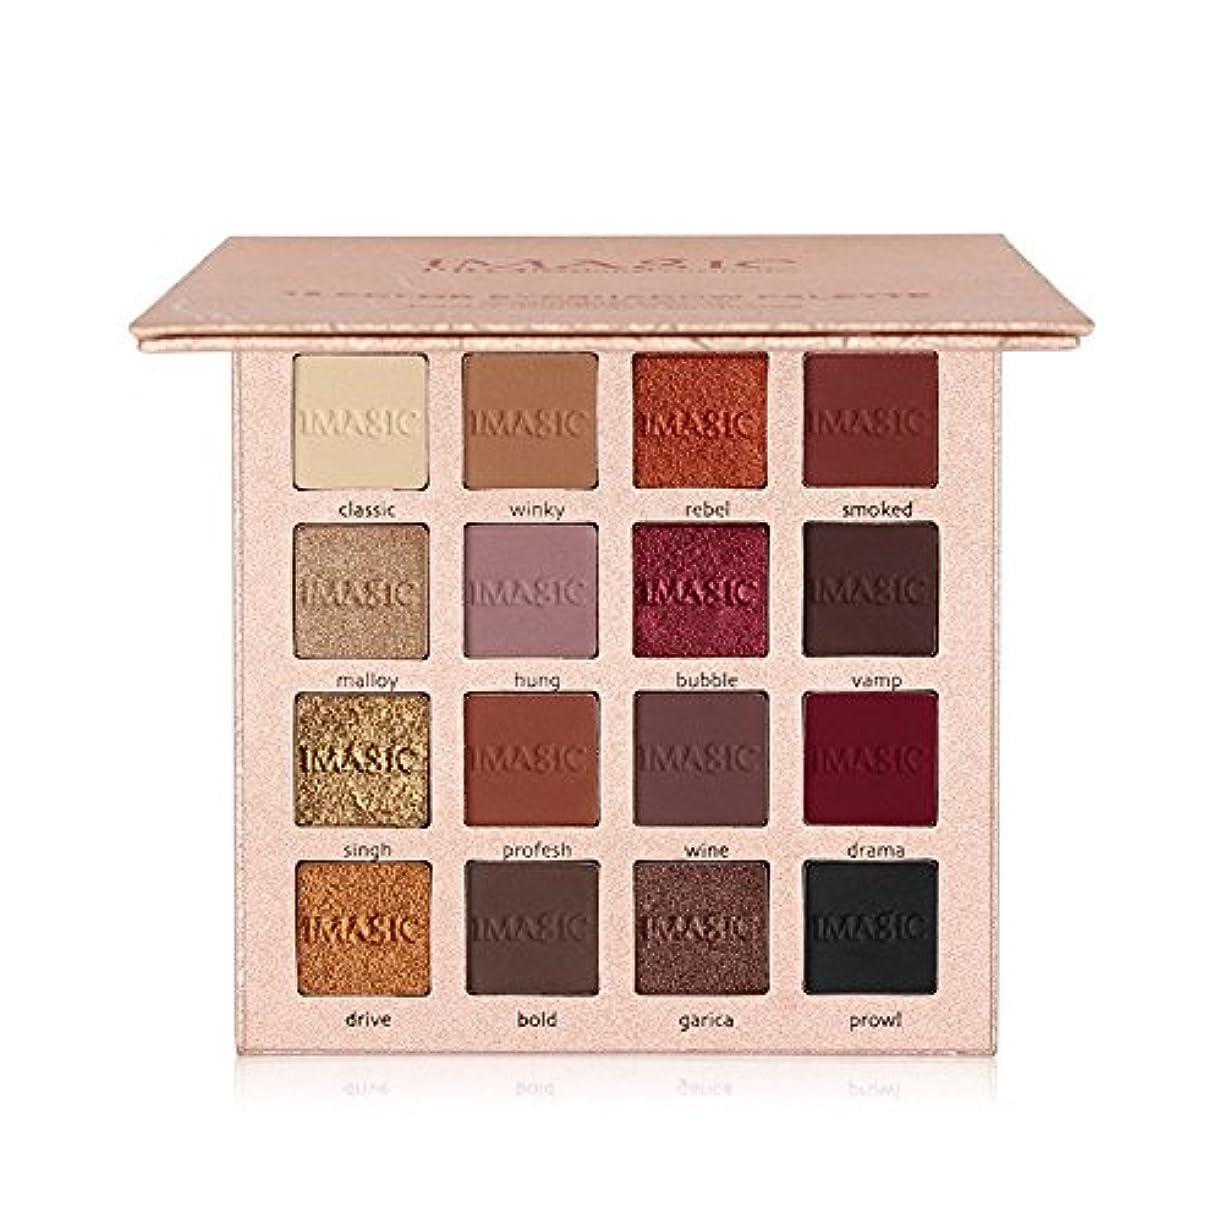 立方体バンゾーンNew Arrival Charming Eyeshadow 16 Color Palette Make up Palette Matte Shimmer Pigmented Eye Shadow Powder